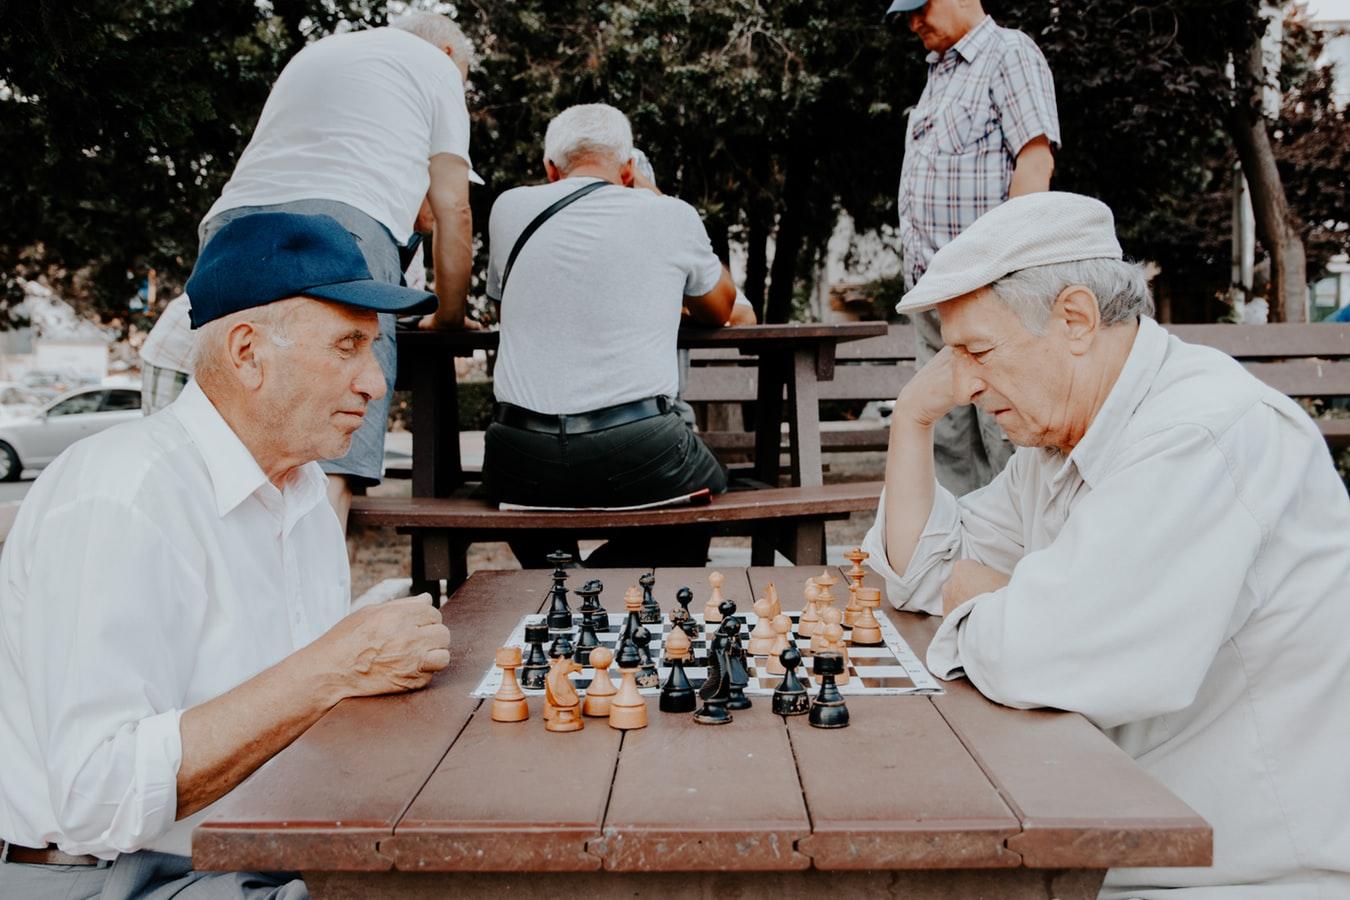 Deux seniors à la retraite qui font une partie d'échecs pour s'occuper